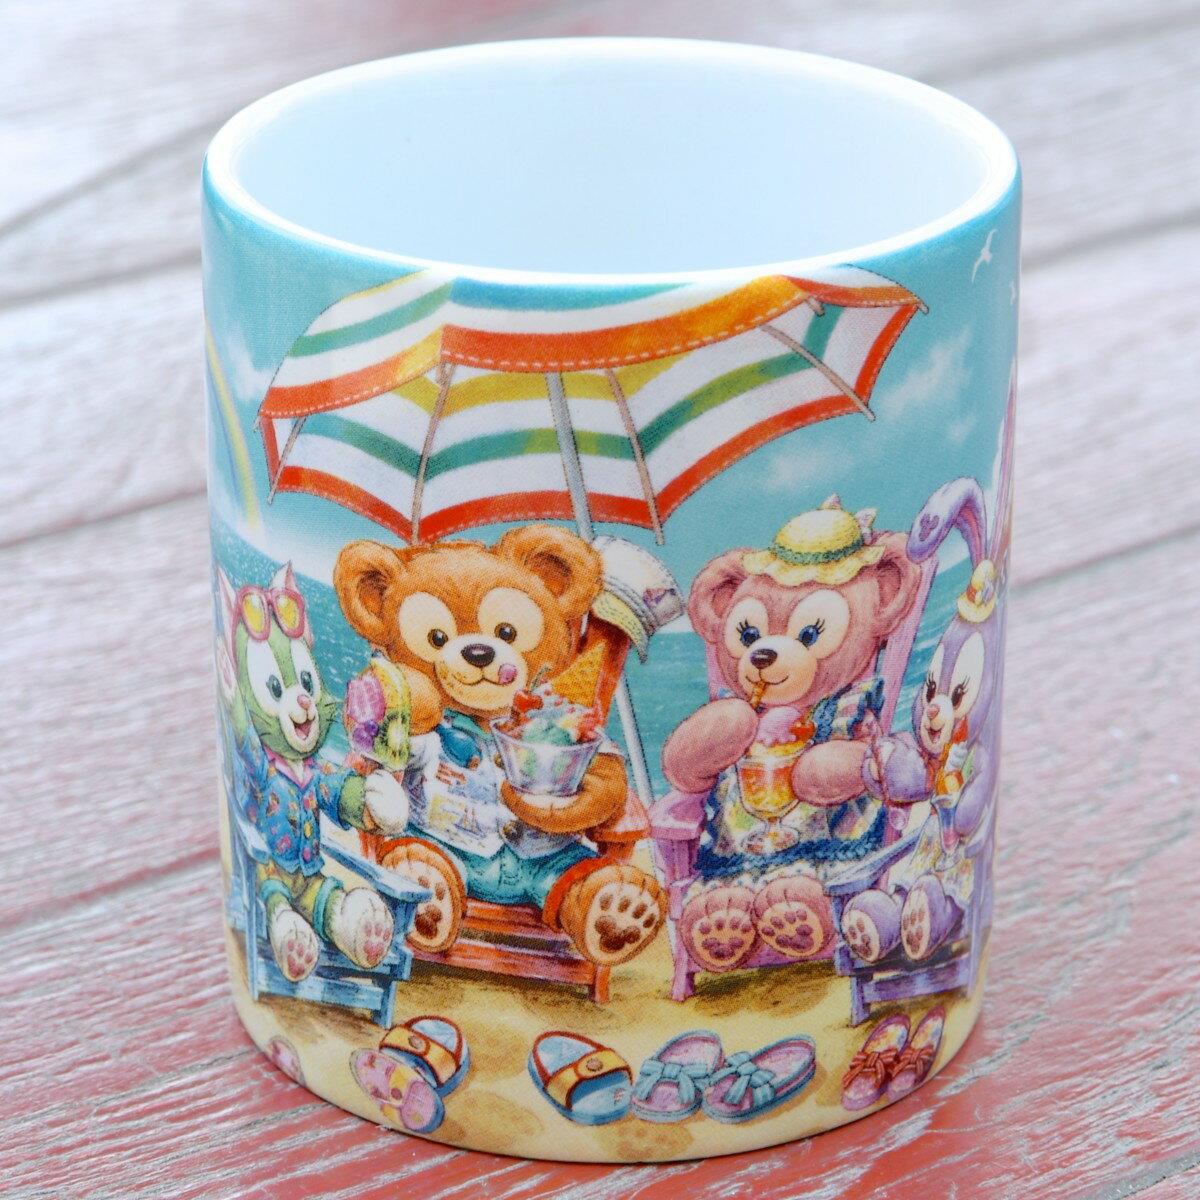 日本東京迪士尼代購- 夏季限定 達菲Duffy小餐杯,水杯 / 馬克杯 / 情侶對杯 / 湯杯 / 玻璃杯 / 不鏽鋼杯 / 漱口杯,X射線【C010005】 0